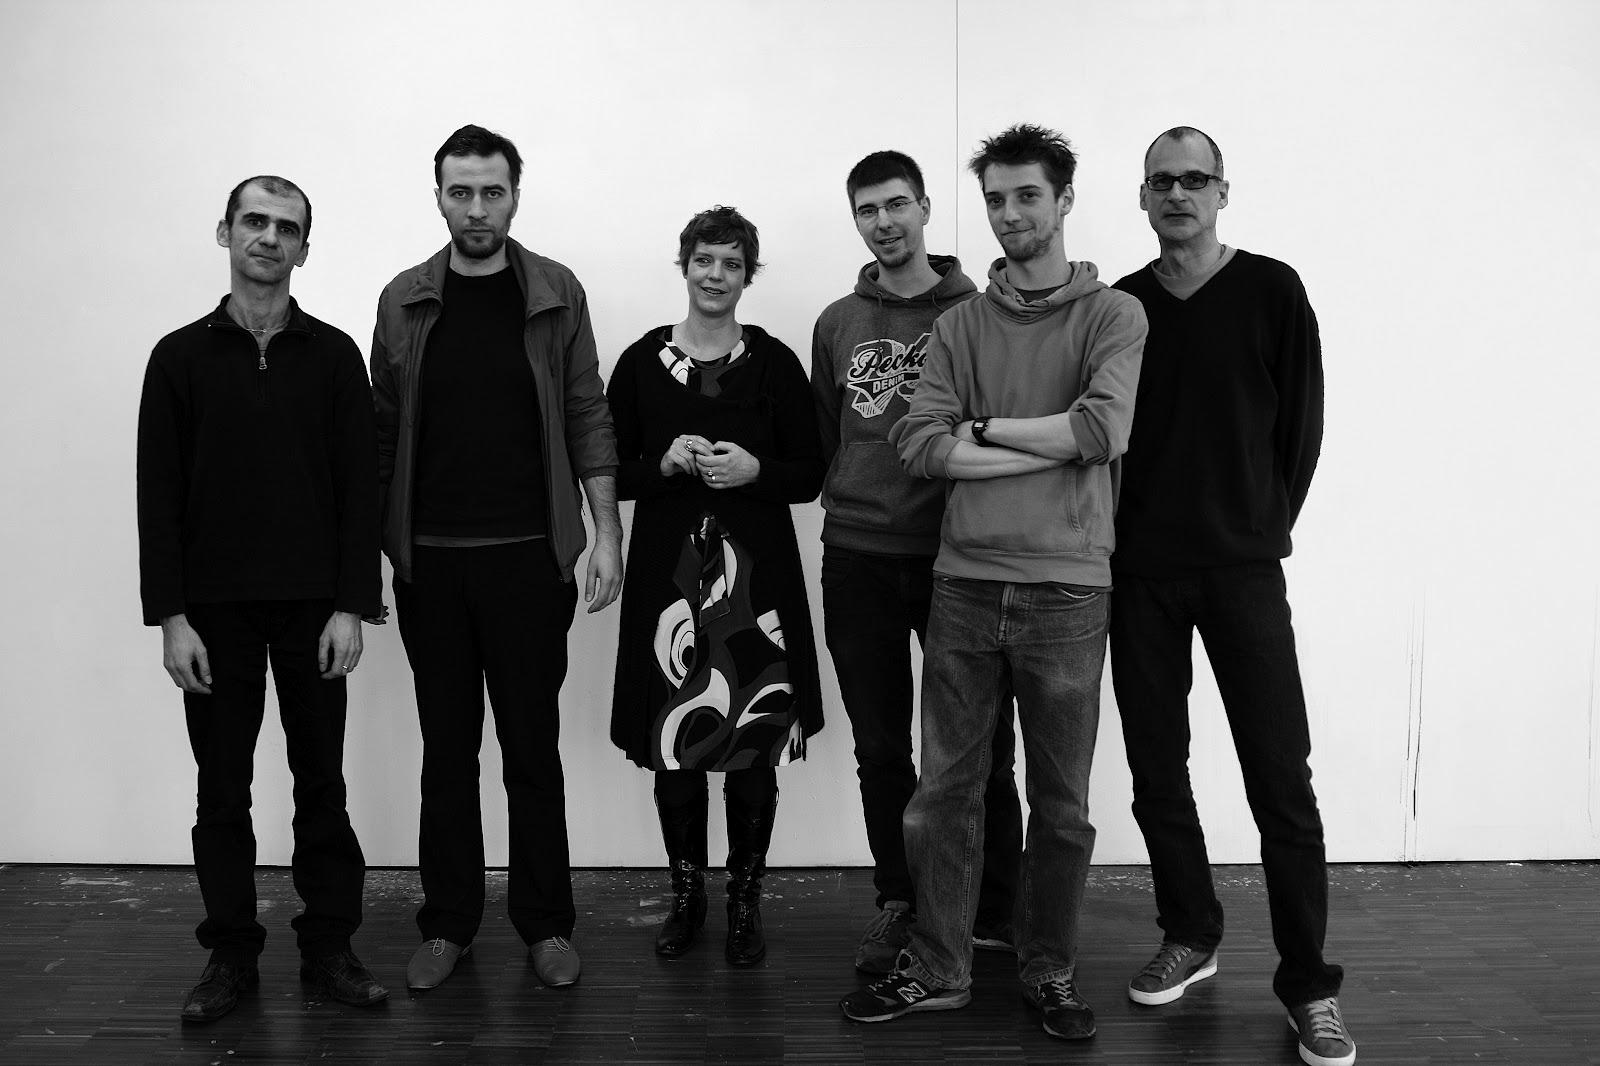 The Beautiful Formula Collective, 2012 Stefan Schessl, Oleksiy Koval,Veronika Wenger, Pascal Worsch, Daniel Geiger, Kuros Nekouian Picture: LW44